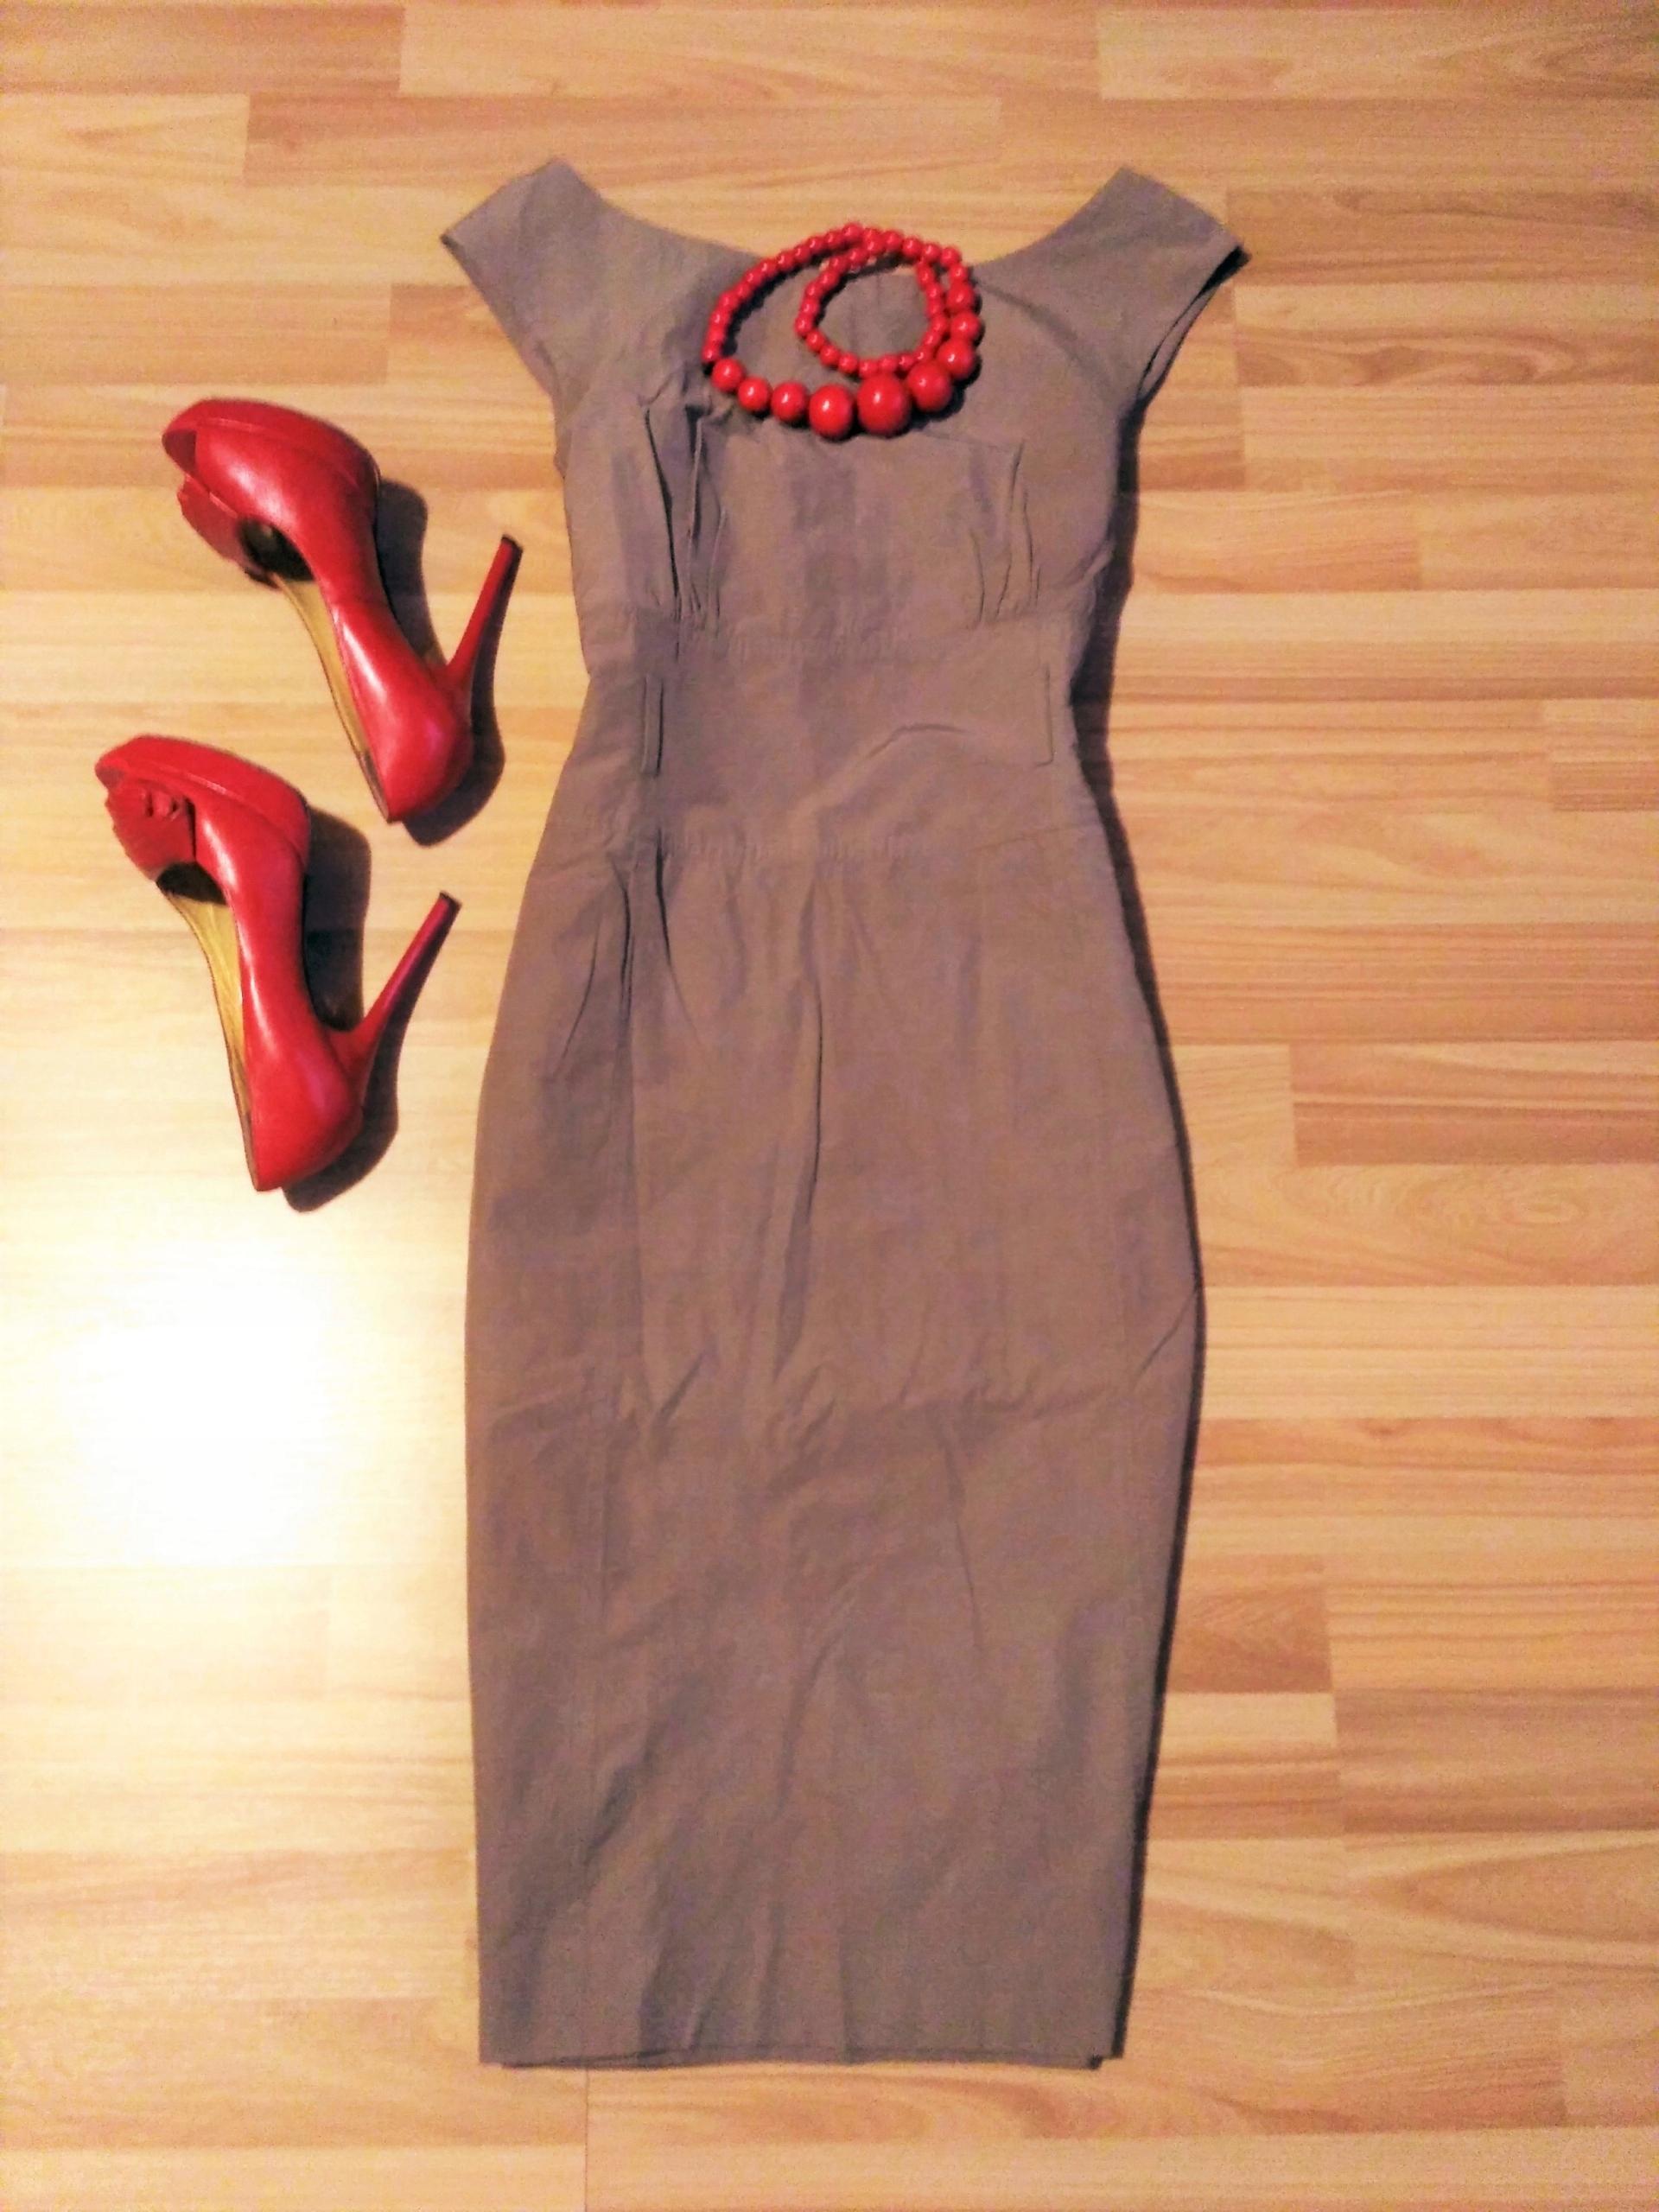 486df87c69 SIMPLE sukienka BEŻOWA do ŻAKIETU L 40 M 38 - 7576362028 - oficjalne ...